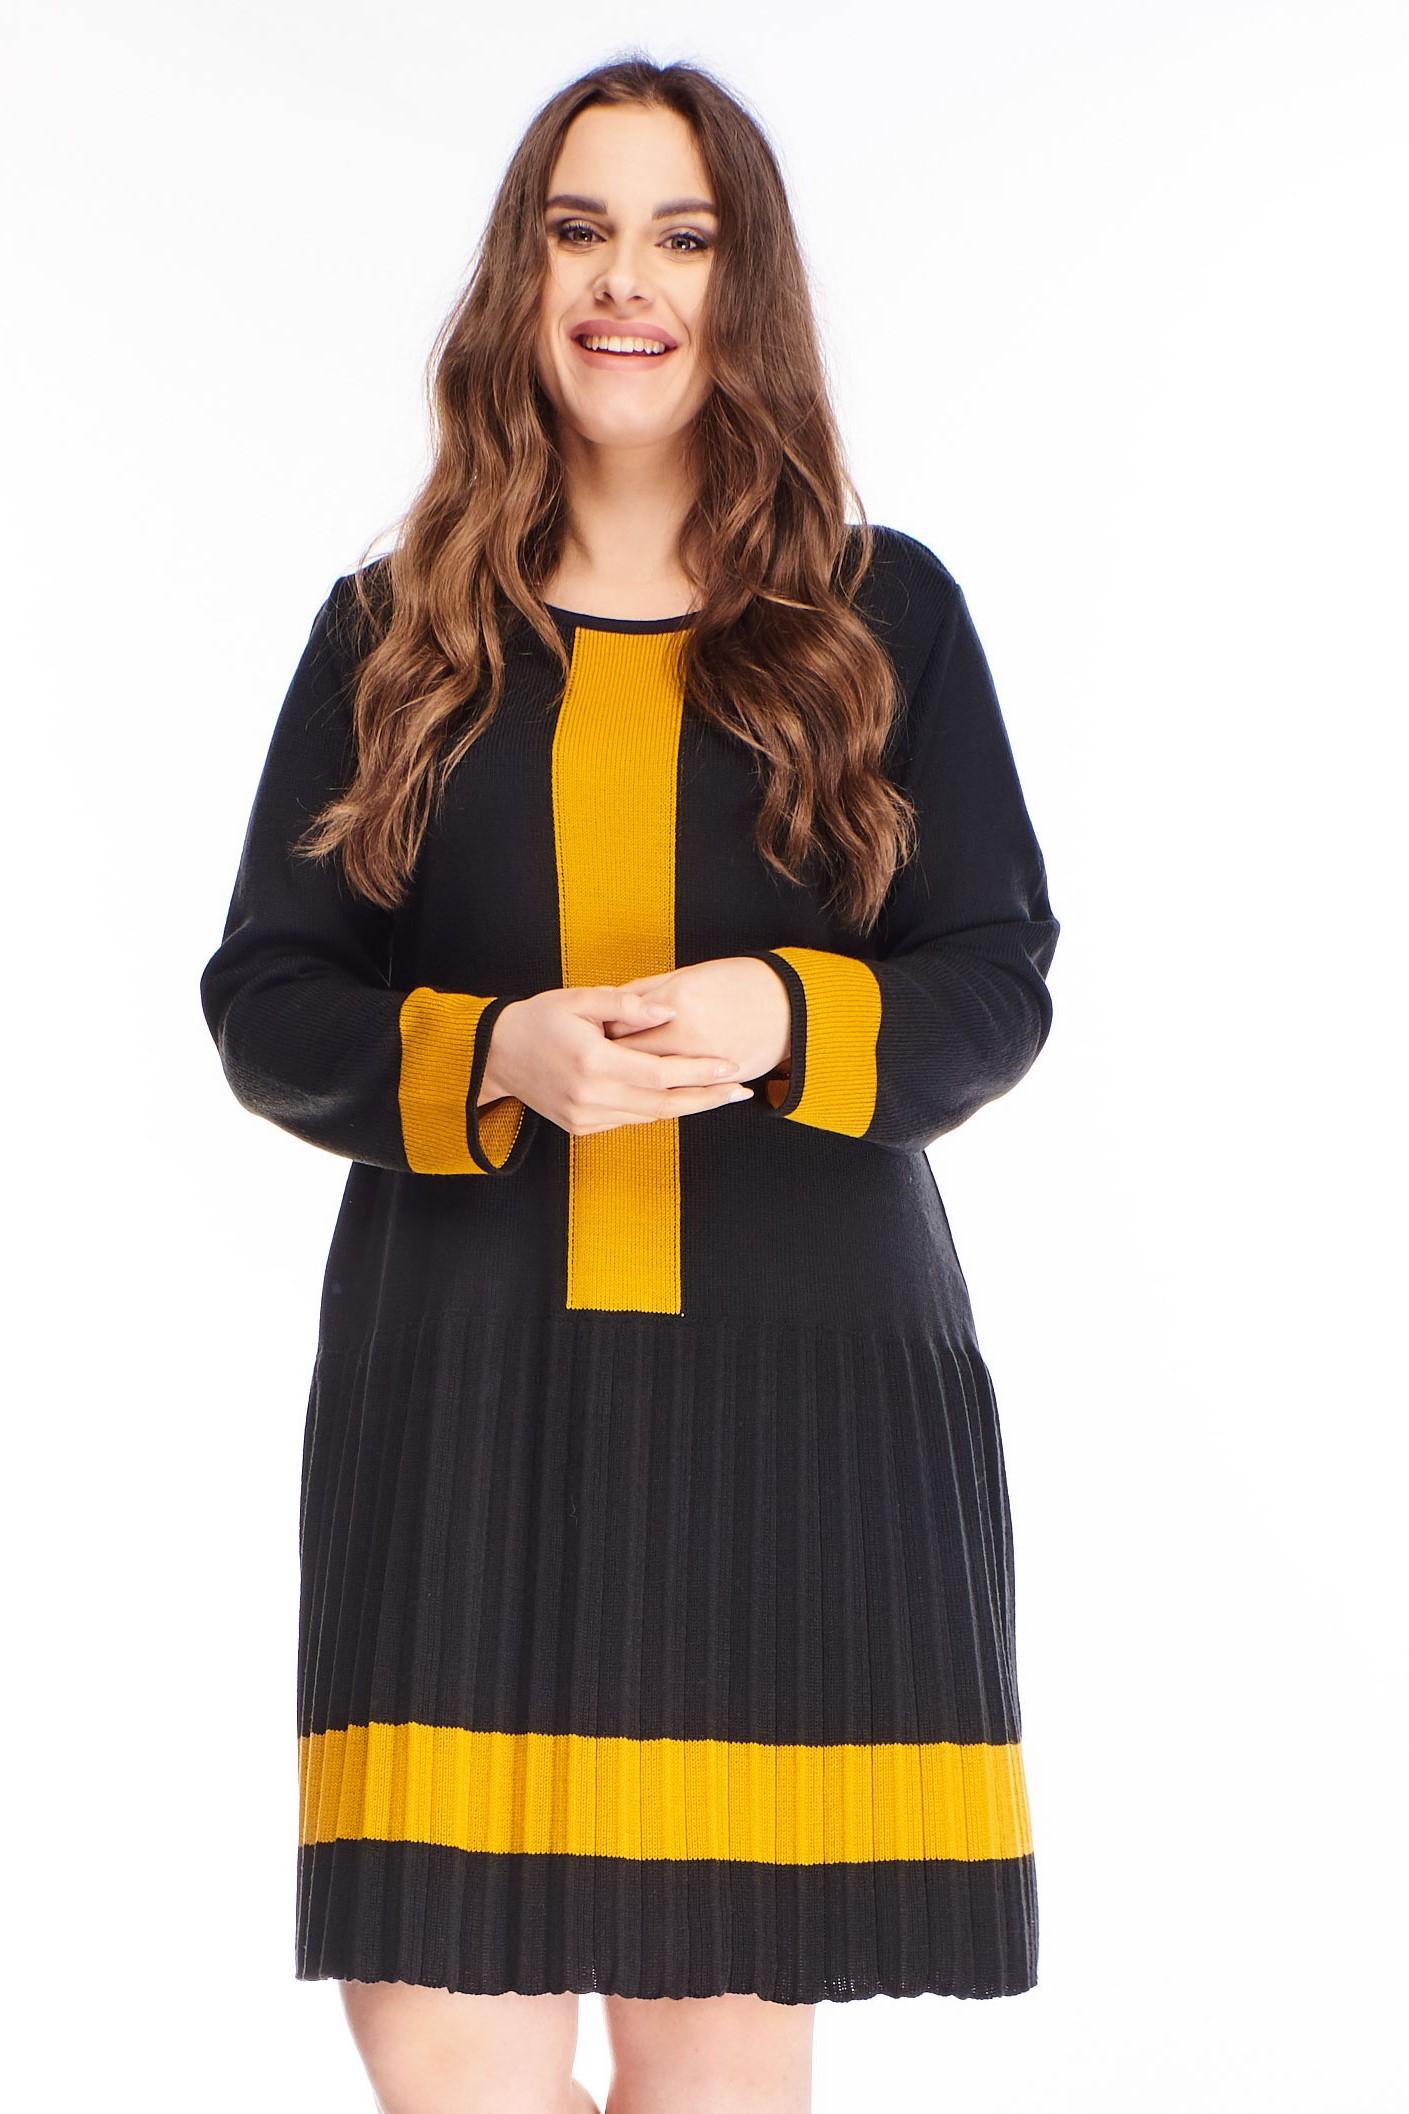 Polodlhé čierne svetrové šaty - M